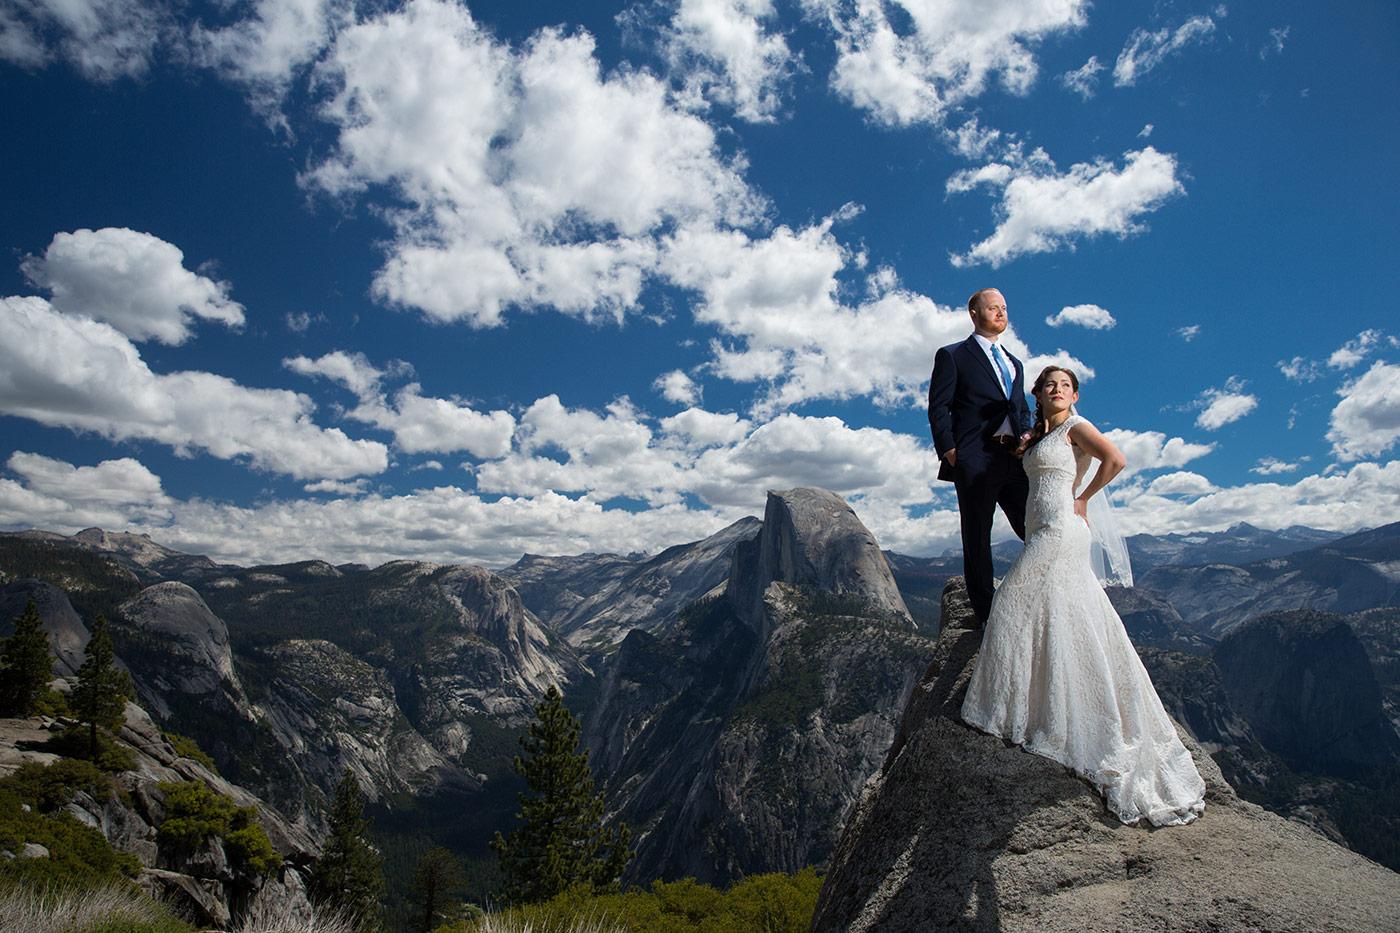 San Francisco Wedding Photographer Sacramento Wedding